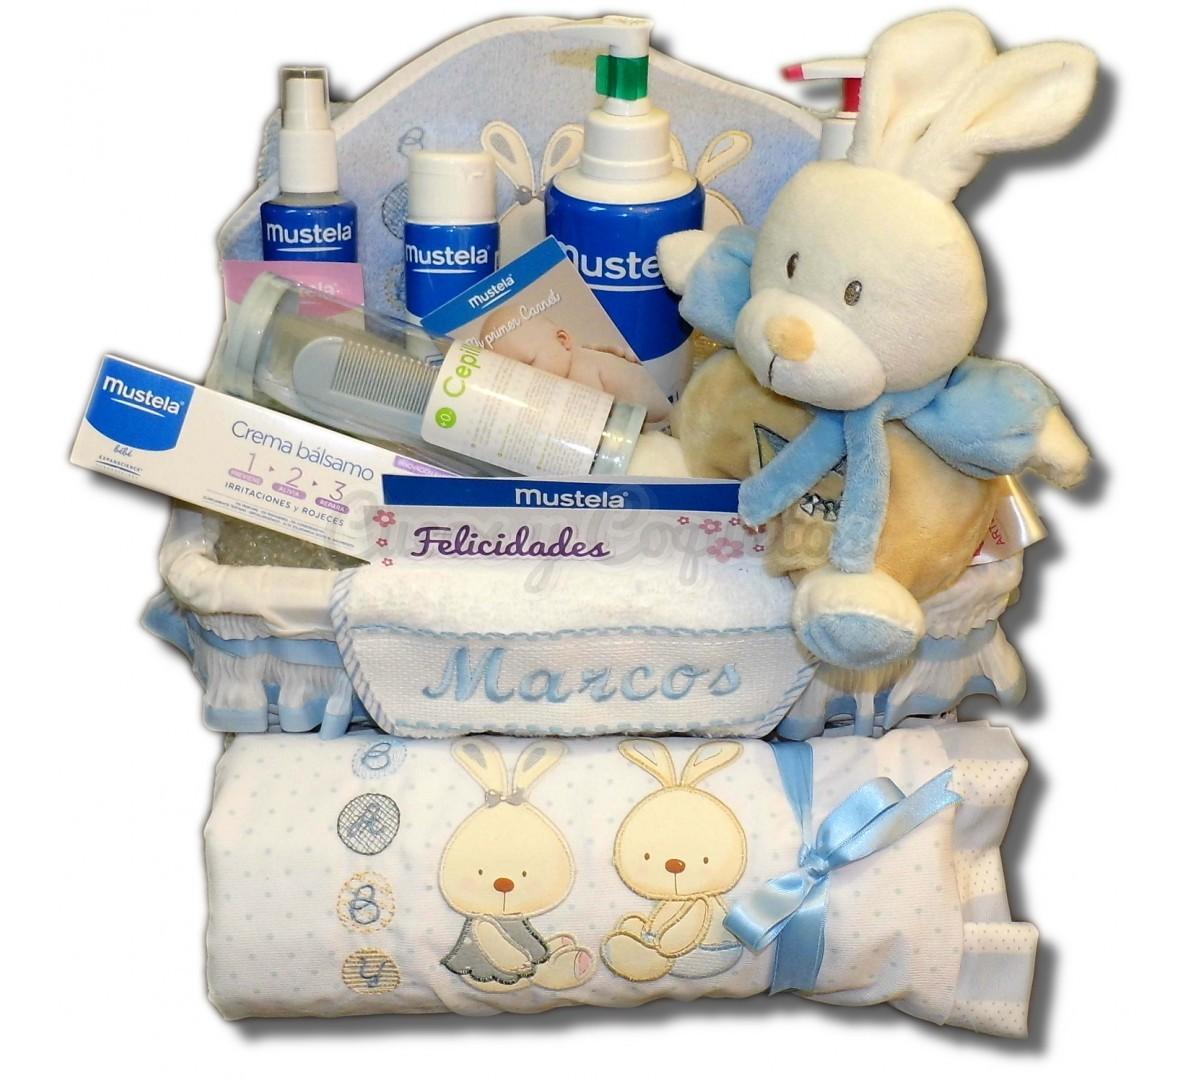 Baño Infantil Mustela:Canastilla Bebé Mustela